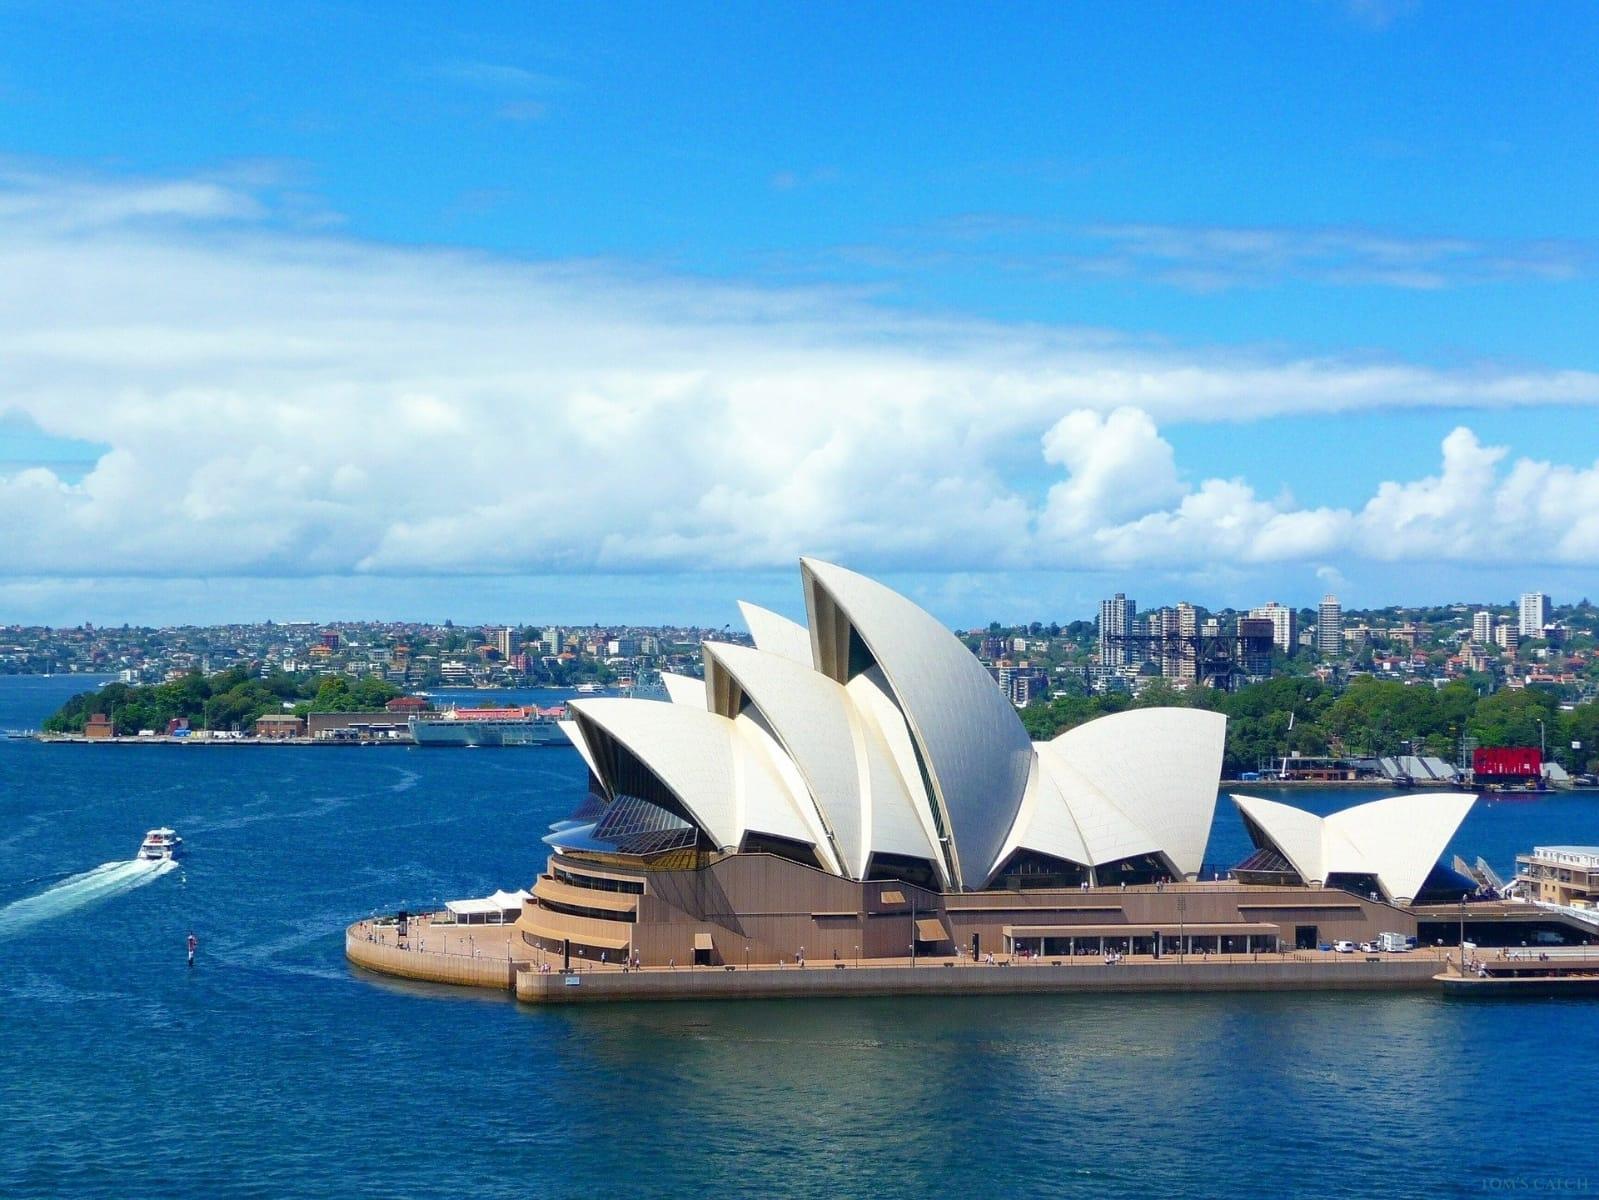 Sydney visgebied